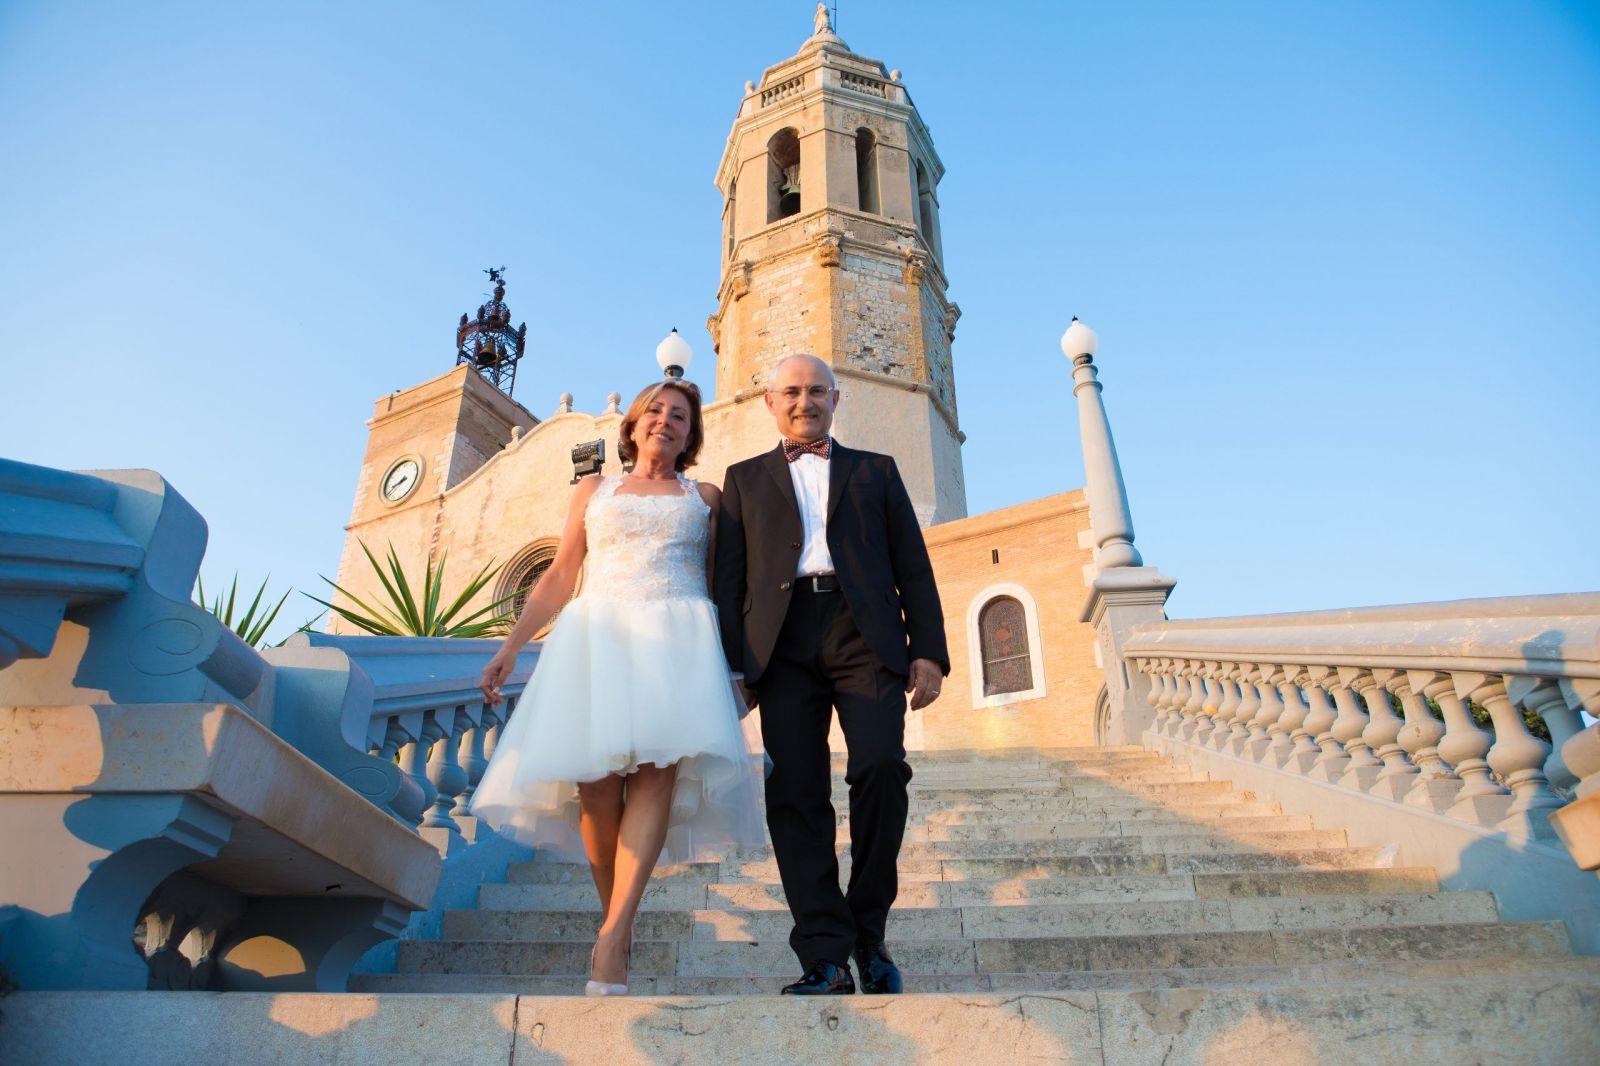 fotografo-boda-intima-sitges-barcelona-38